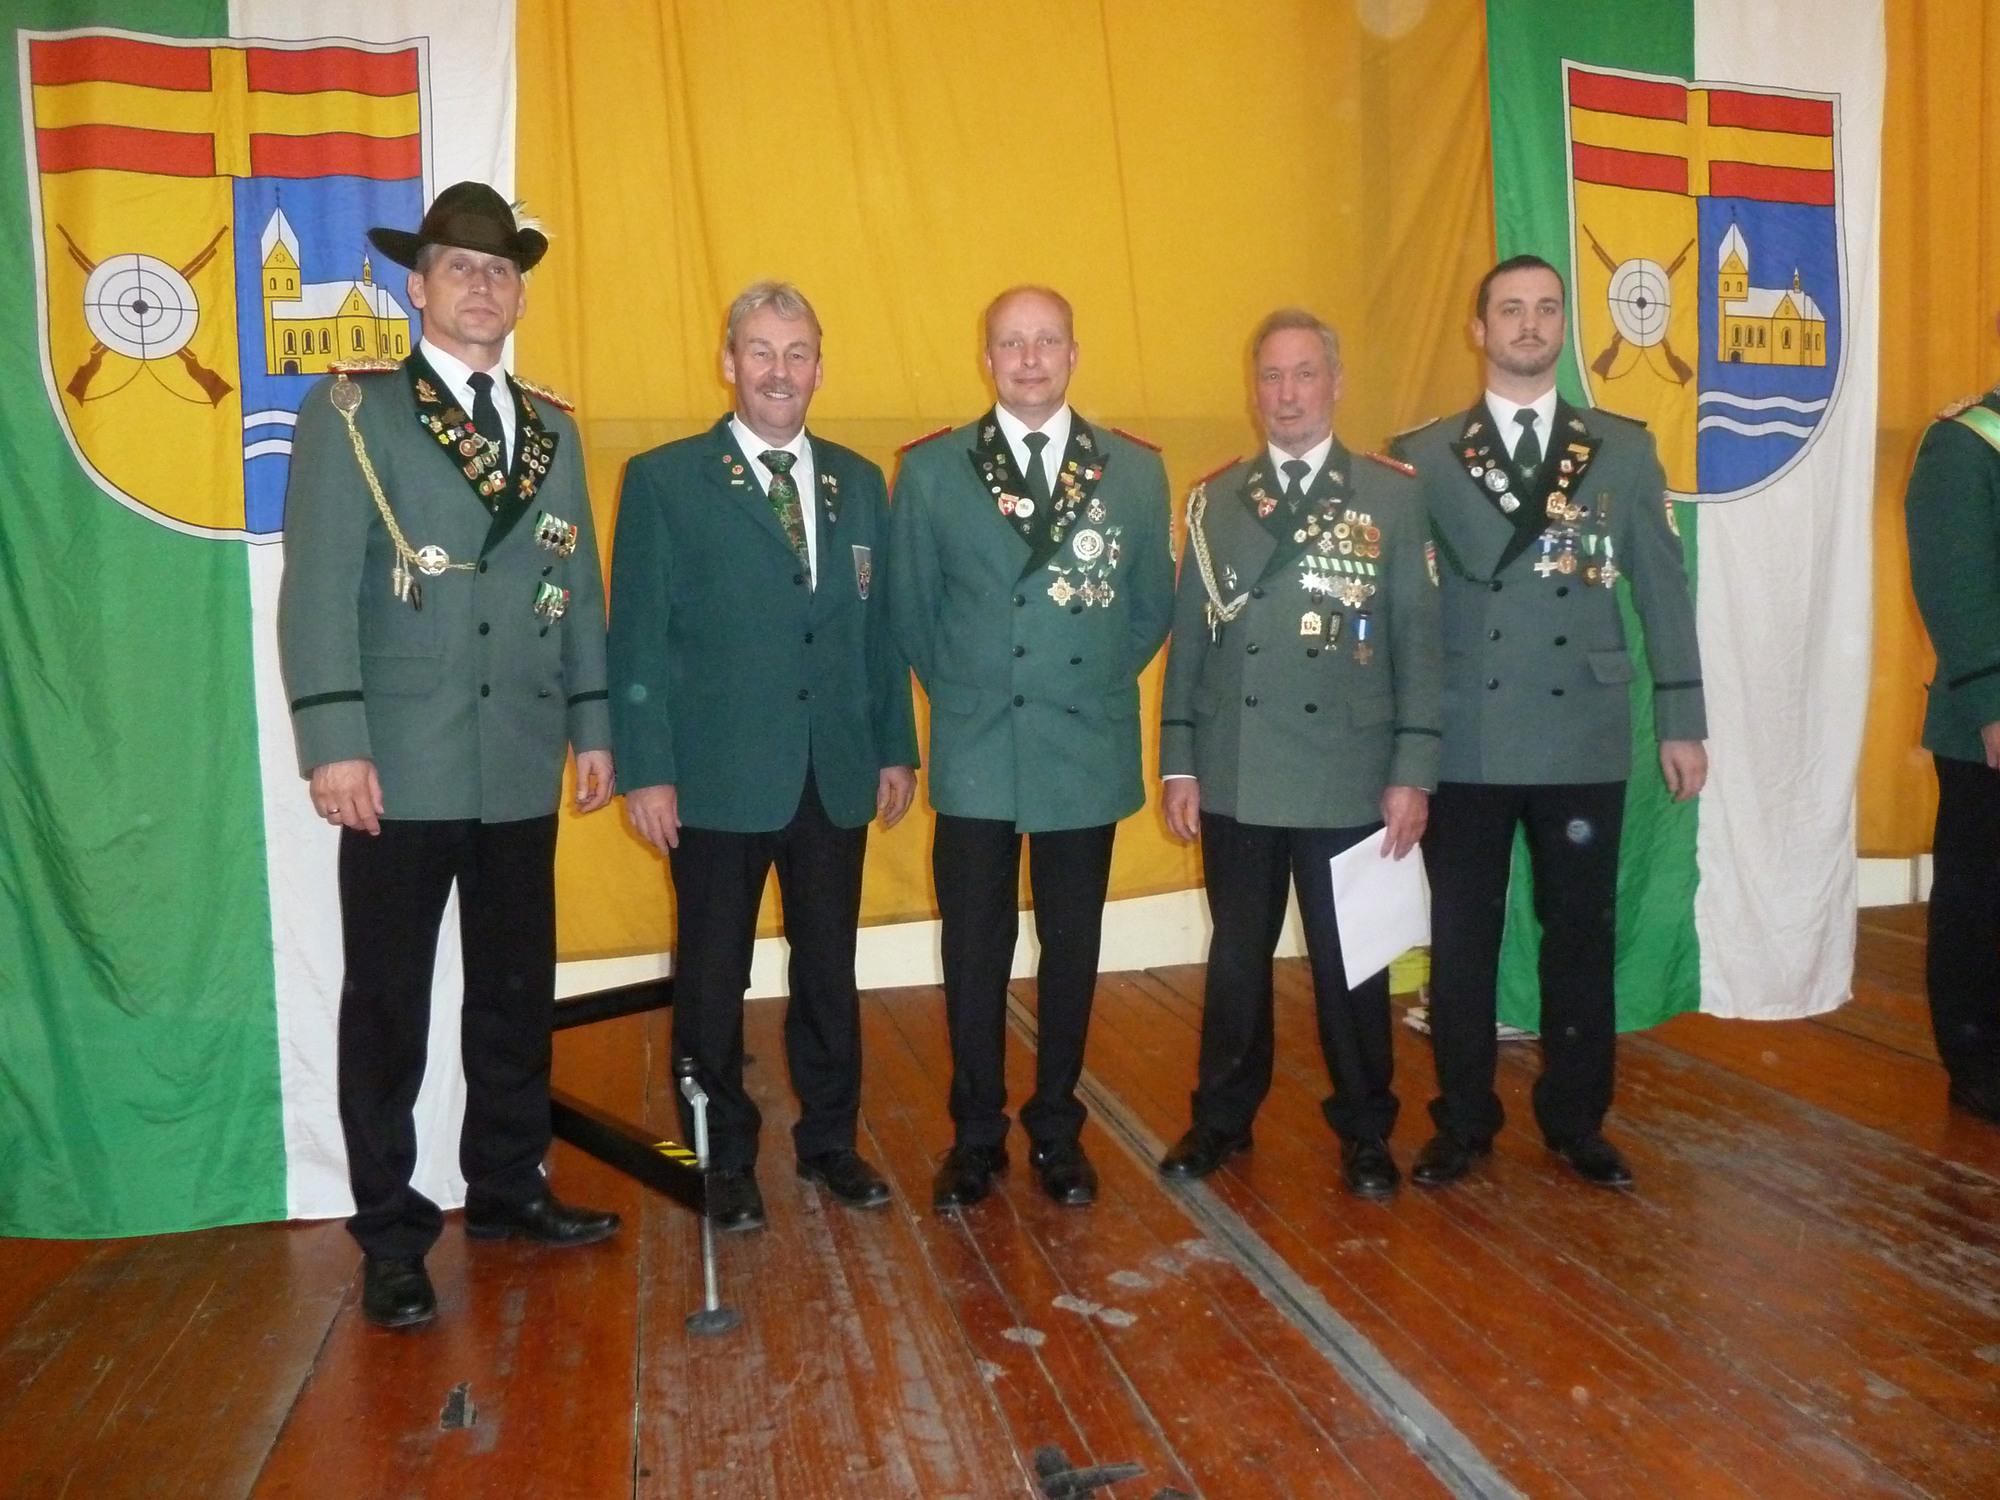 Michael Schadomsky, Ulrich Harkötter, Markus Steffens, Heinz Lottritz, Bernhard Lottritz